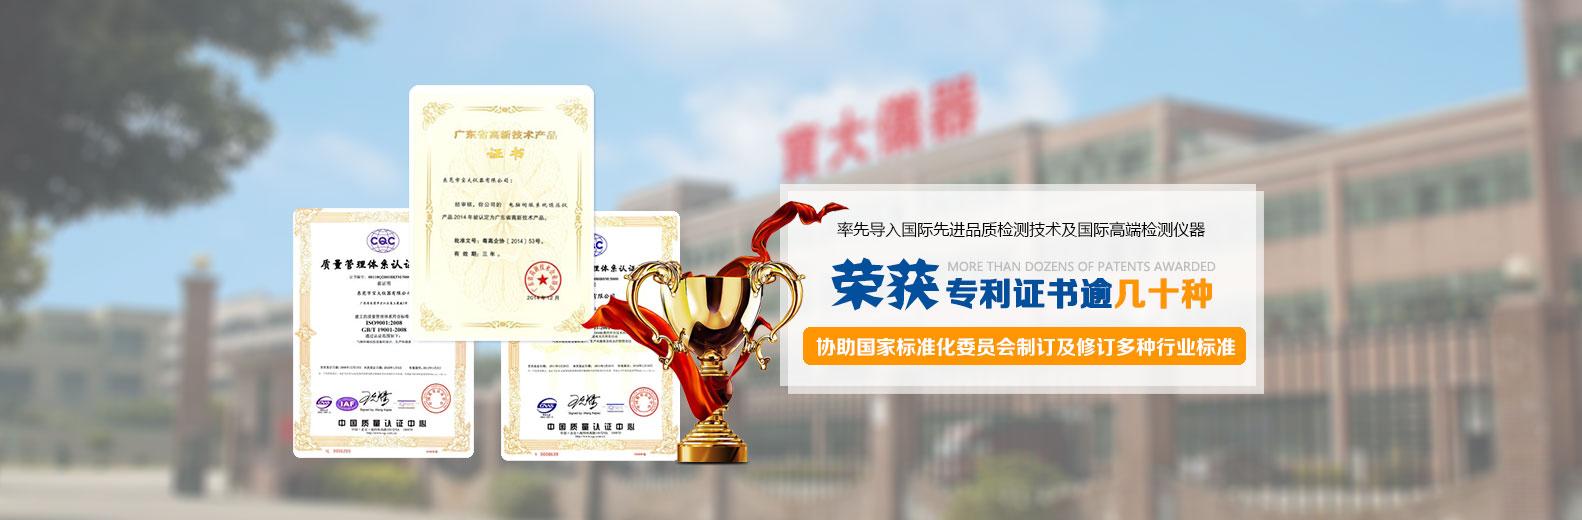 最新大奖娱乐官方网站_荣誉资质